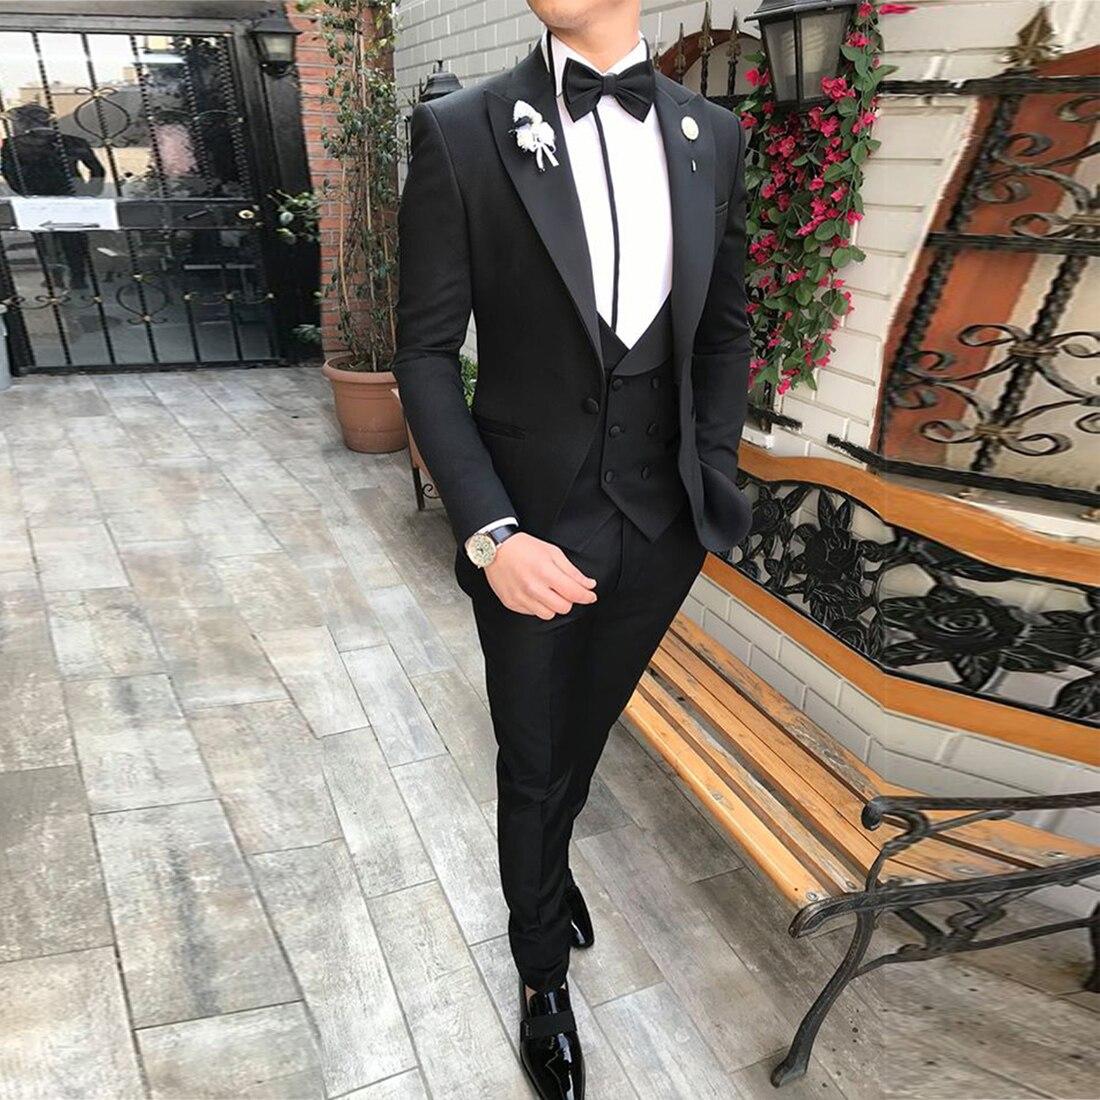 Men's Suits 3 piece Slim Fit Peaked Collar Black/Beige/Grey Tuxedos Groomsmen for Wedding Suits Men 2019 (Blazer+Vest+Pants)